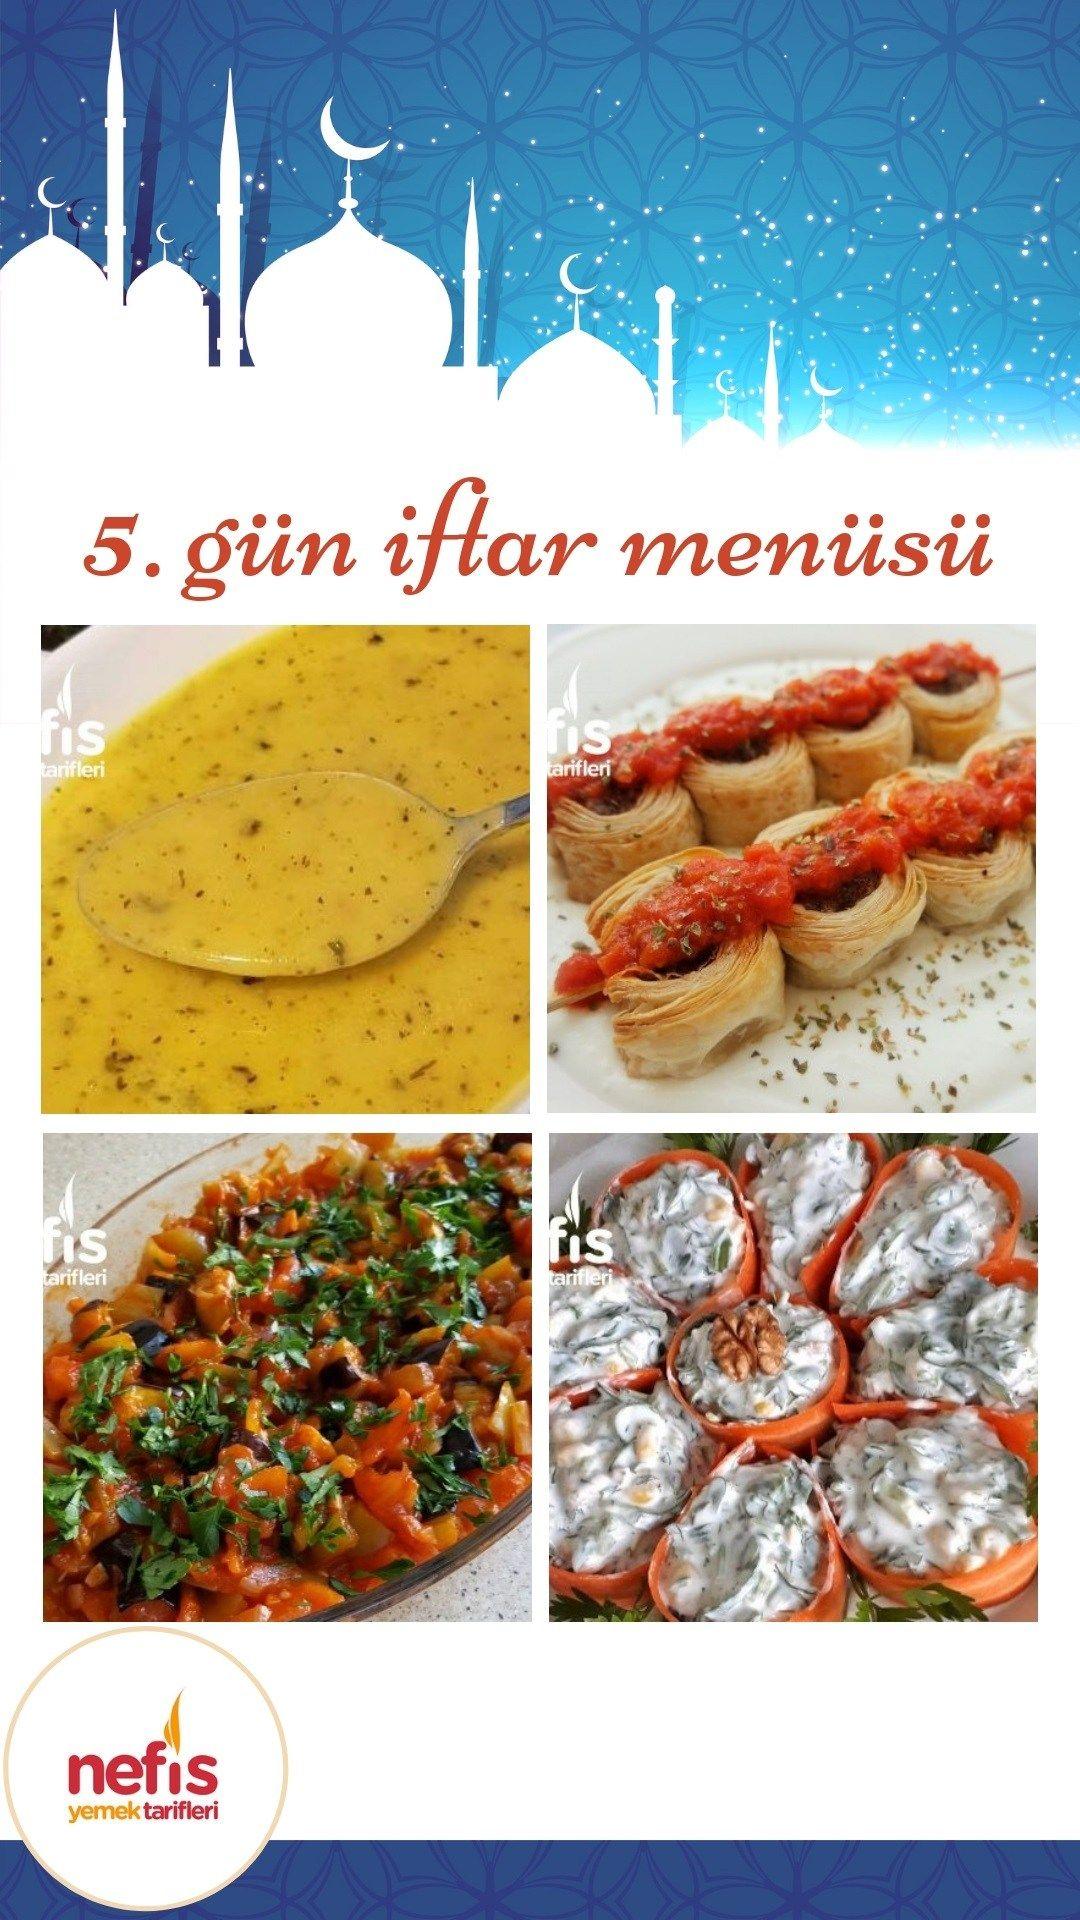 Iftar Menuleri Icin 5 Gundeyiz Sebzeli Yayla Corbasi Siste Milfoylu Kofte Saksuka Sik Sunumlu Semizotu Salatasi Ve Fistikli Su Yemek Tarifleri Yemek Iftar